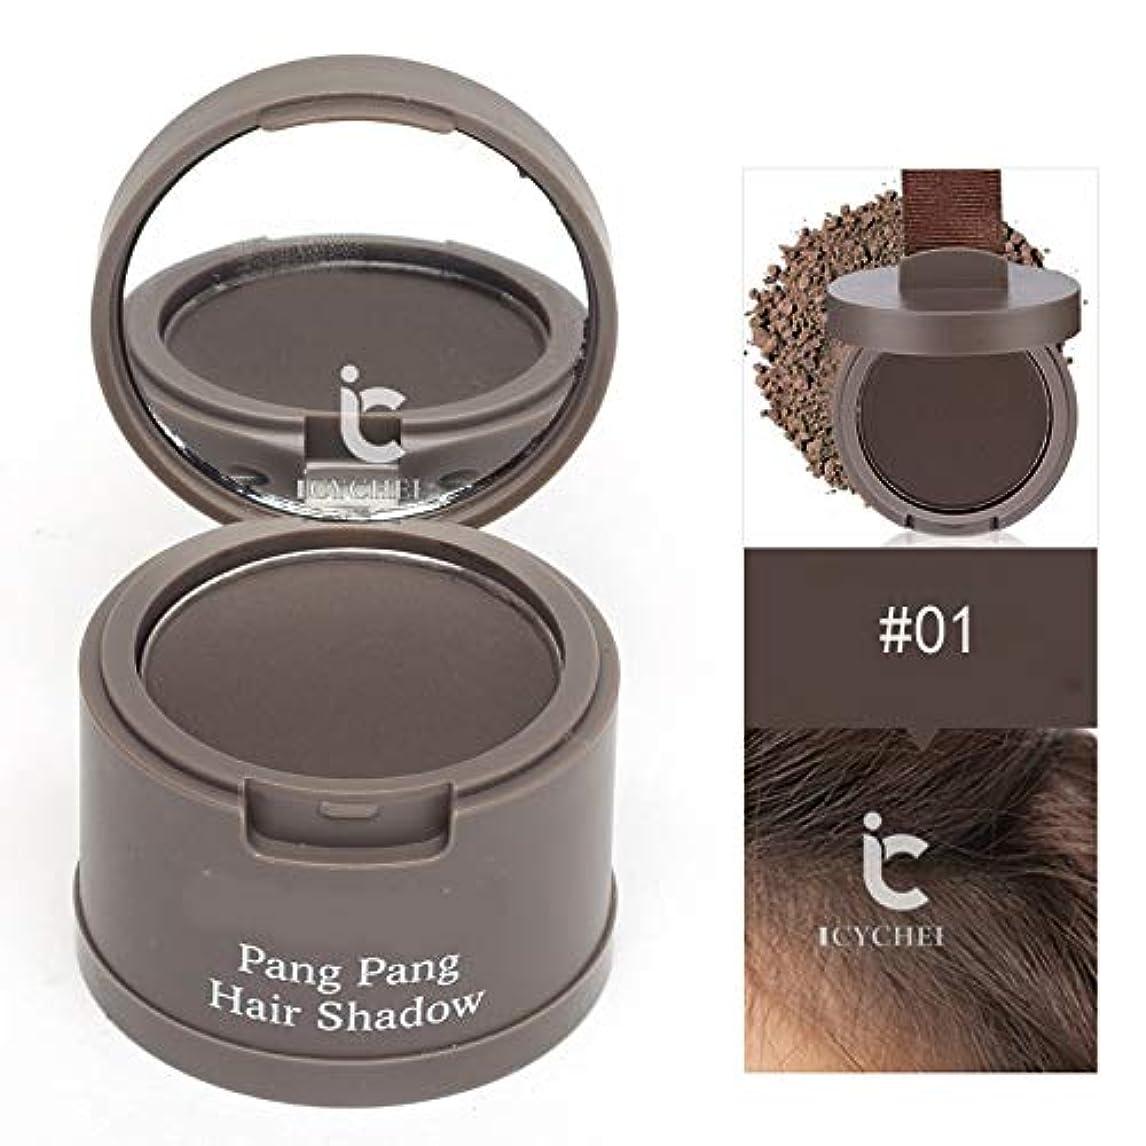 精神医学本質的ではない秘密の髪のためのヘアラインシャドウパウダー髪のシェーダレタッチルーツと髪パーフェクトカバレッジをラスティングICYCHEER防水ロング (01)